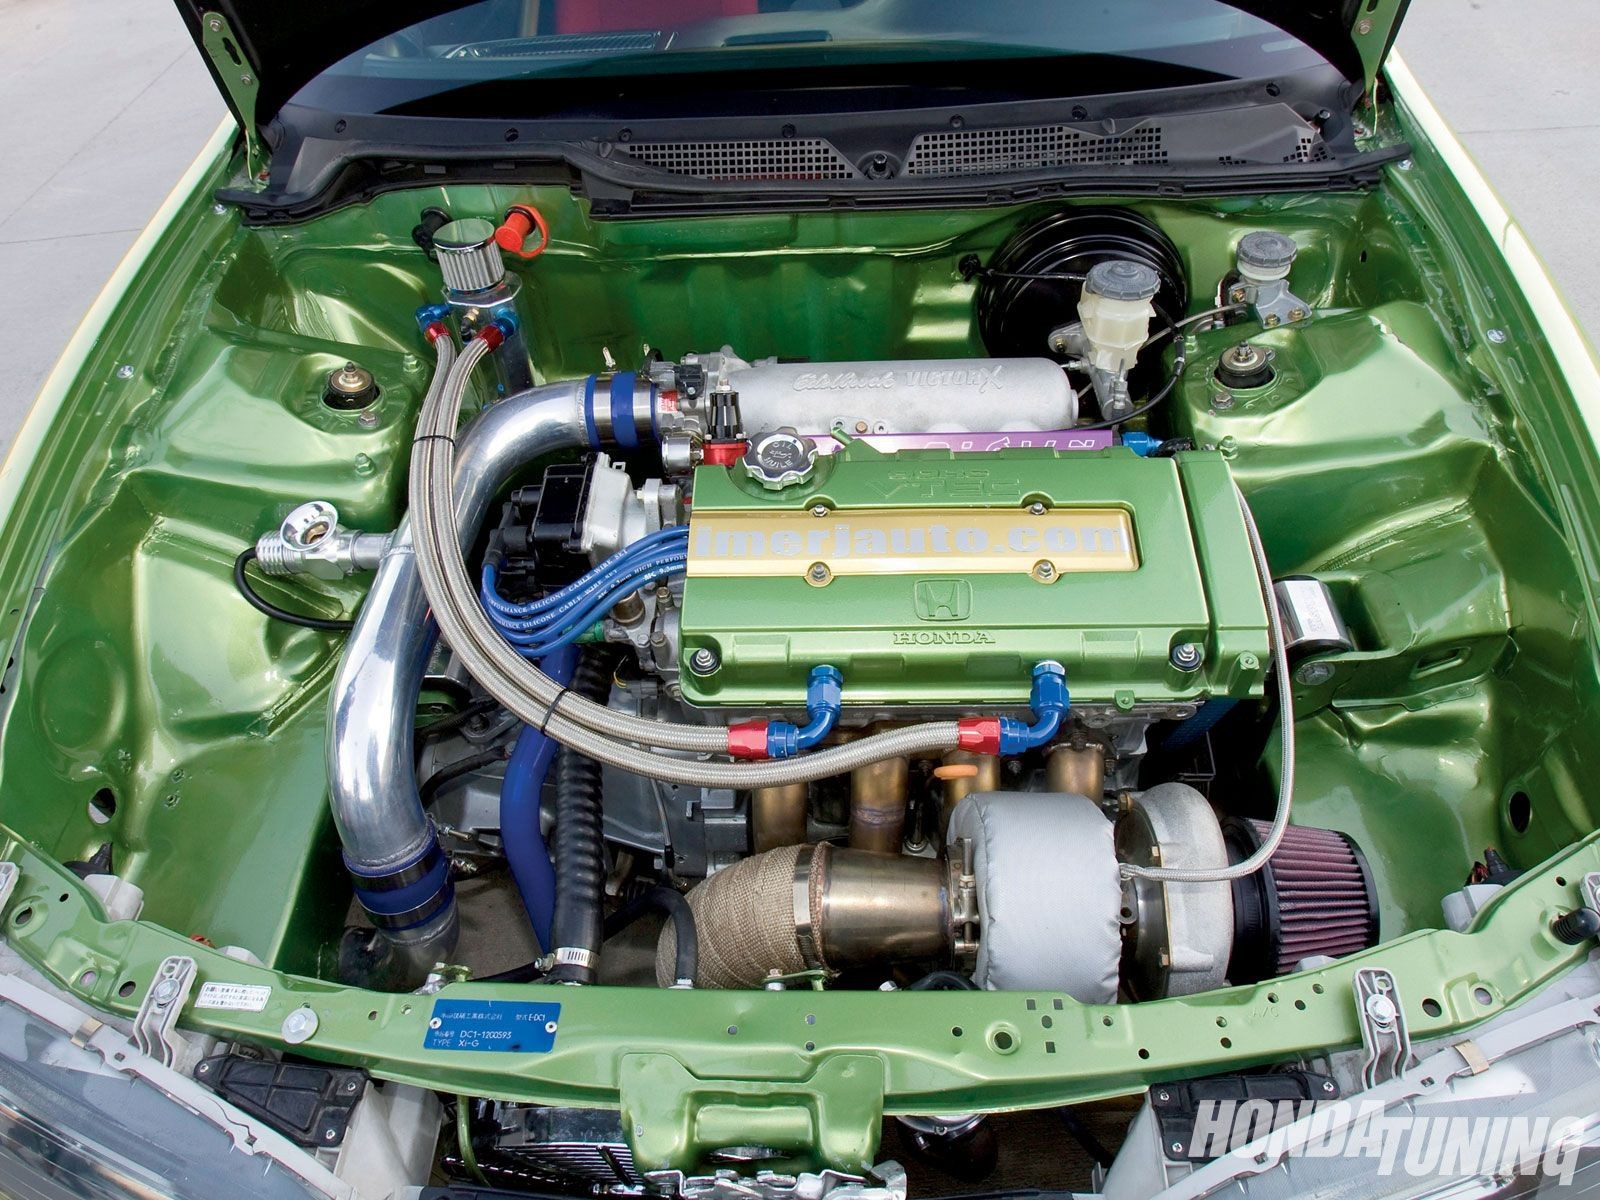 95 Acura Integra Engine Diagram 1995 Acura Integra Ls El Paso Texas Honda Tuning Magazine Of 95 Acura Integra Engine Diagram